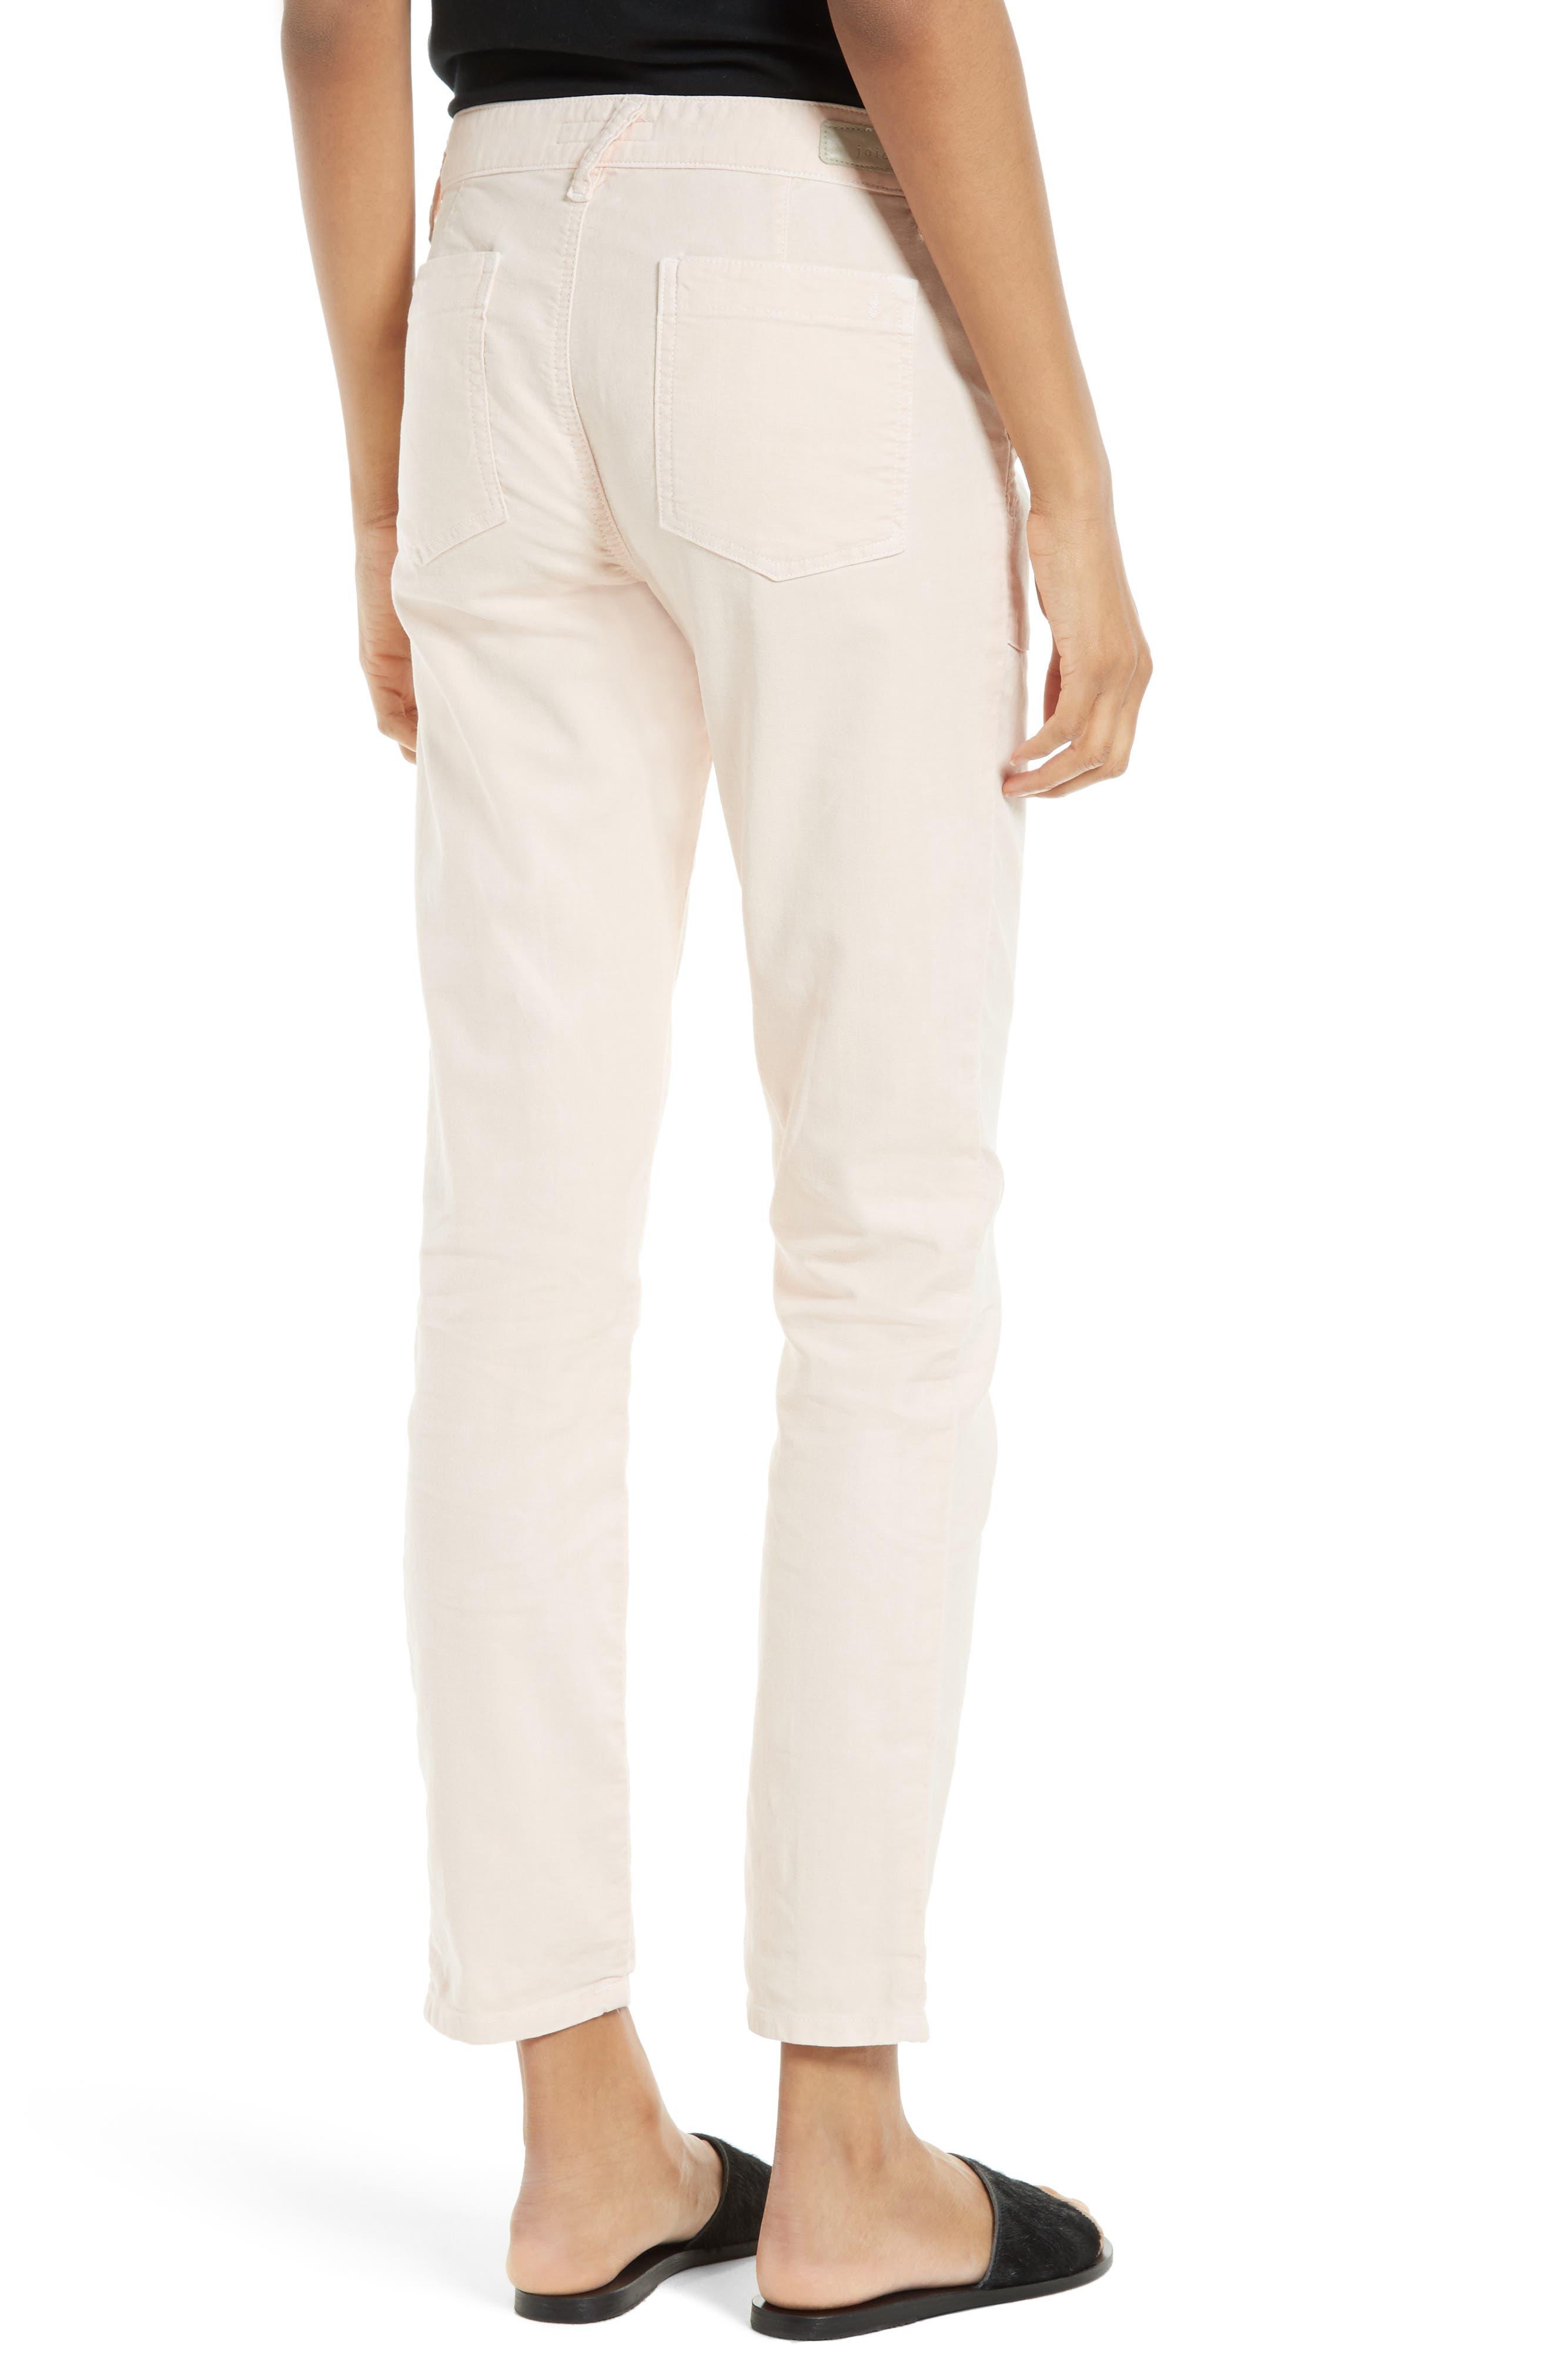 Painter Cotton & Linen Pants,                             Alternate thumbnail 10, color,